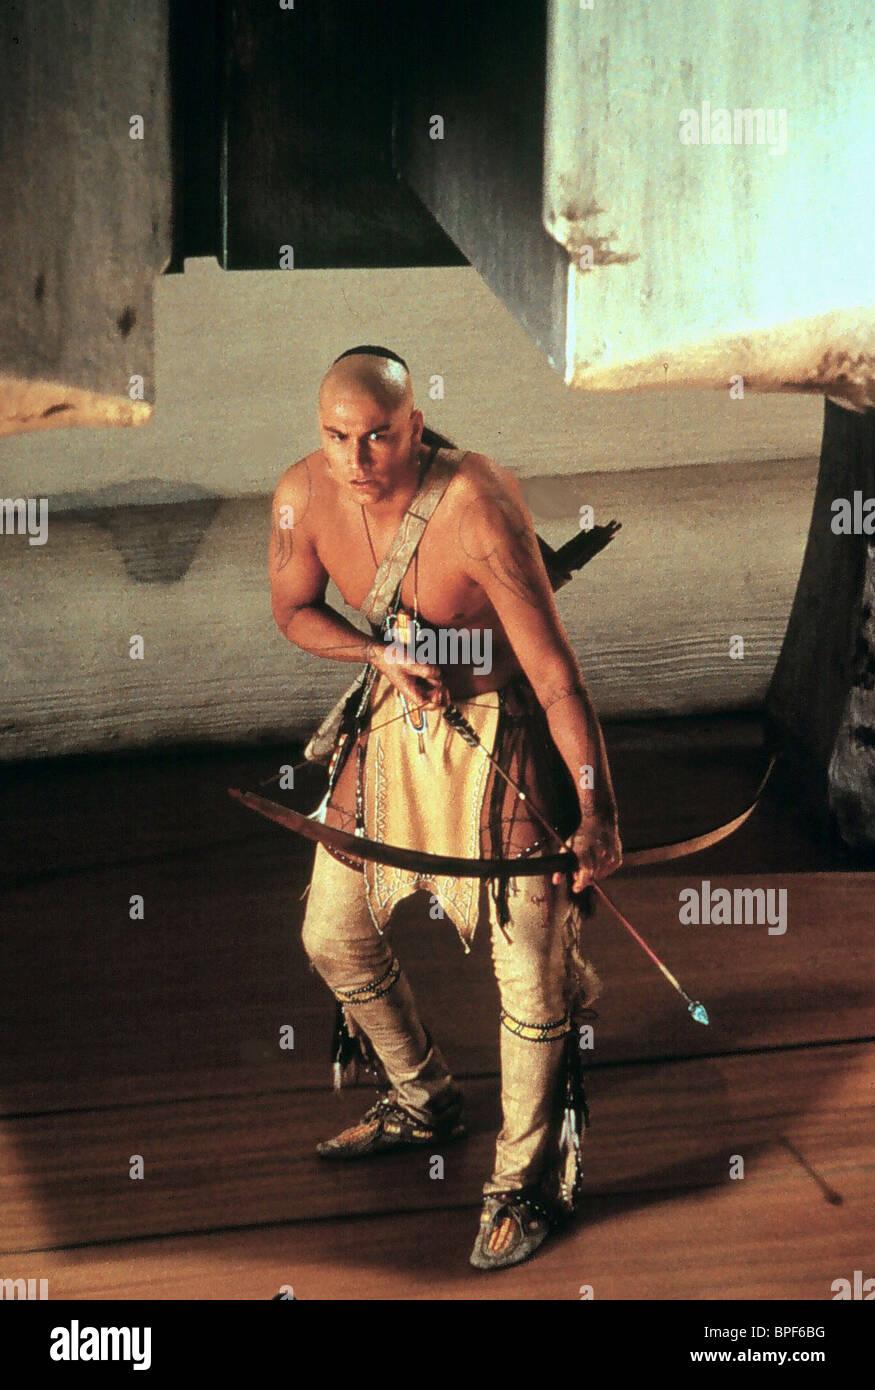 LITEFOOT DER INDIANER IN DEN SCHRANK (1995 Stockfoto, Bild: 31067108 ...